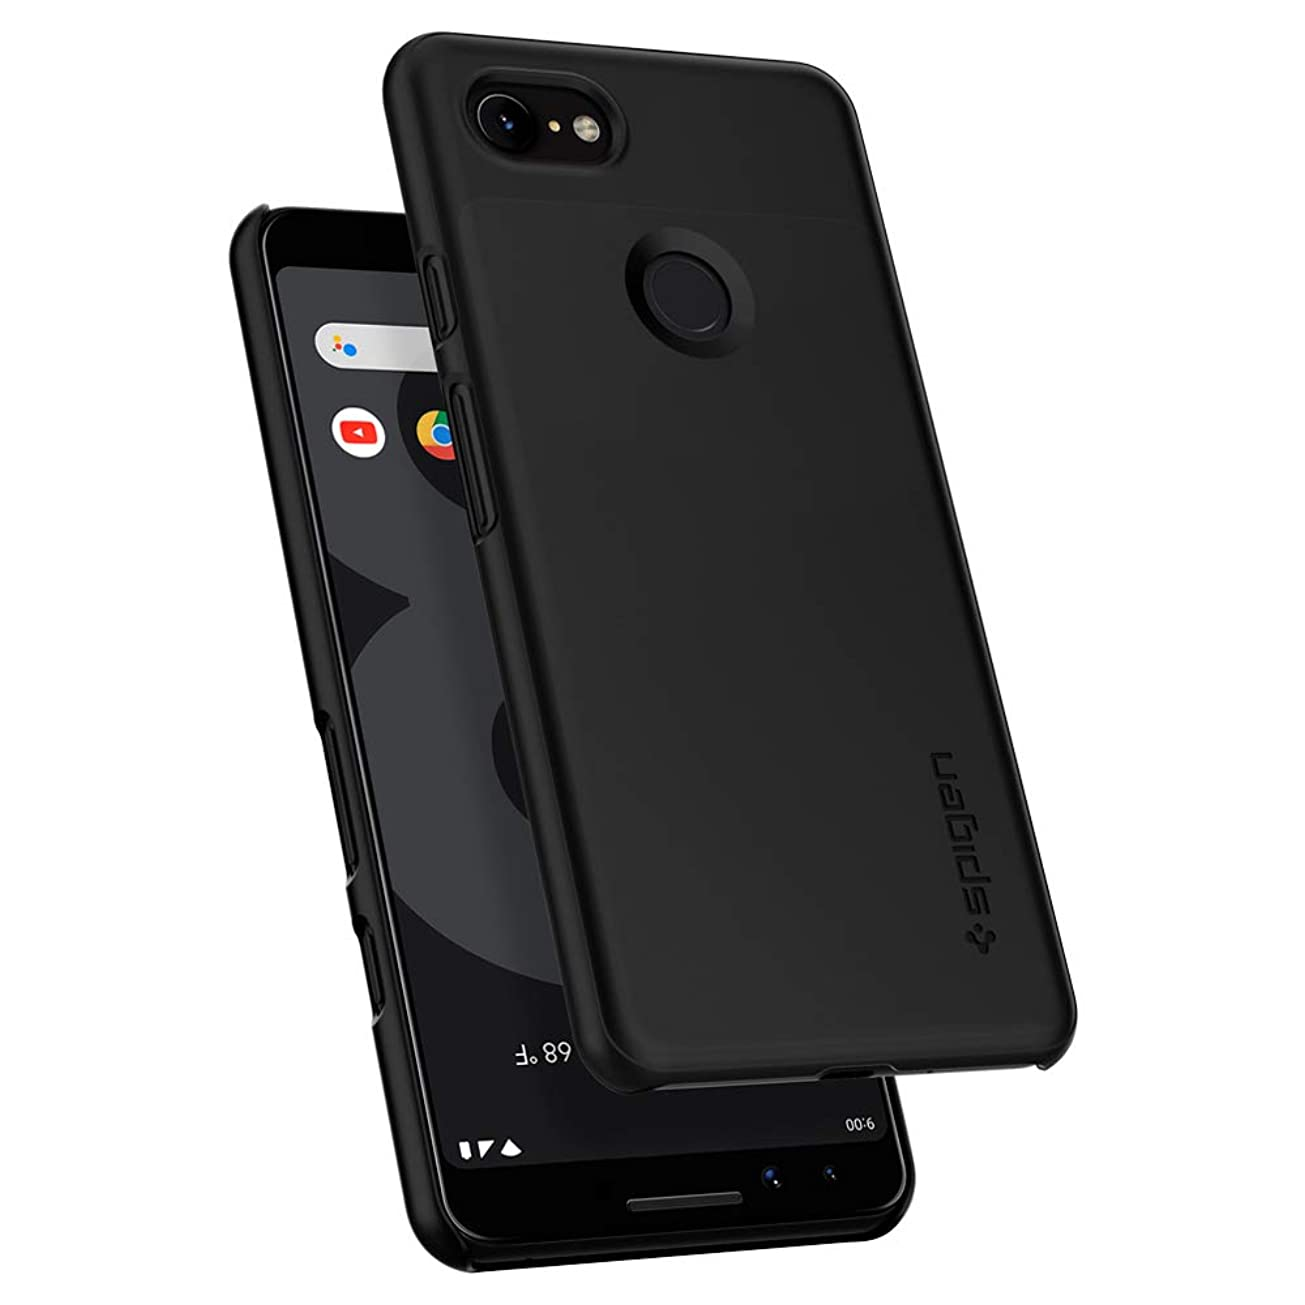 【Spigen】 Google Pixel3 ケース 対応 レンズ保護 超薄型 超軽量 指紋防止 シン?フィット F19CS25038 (ブラック)